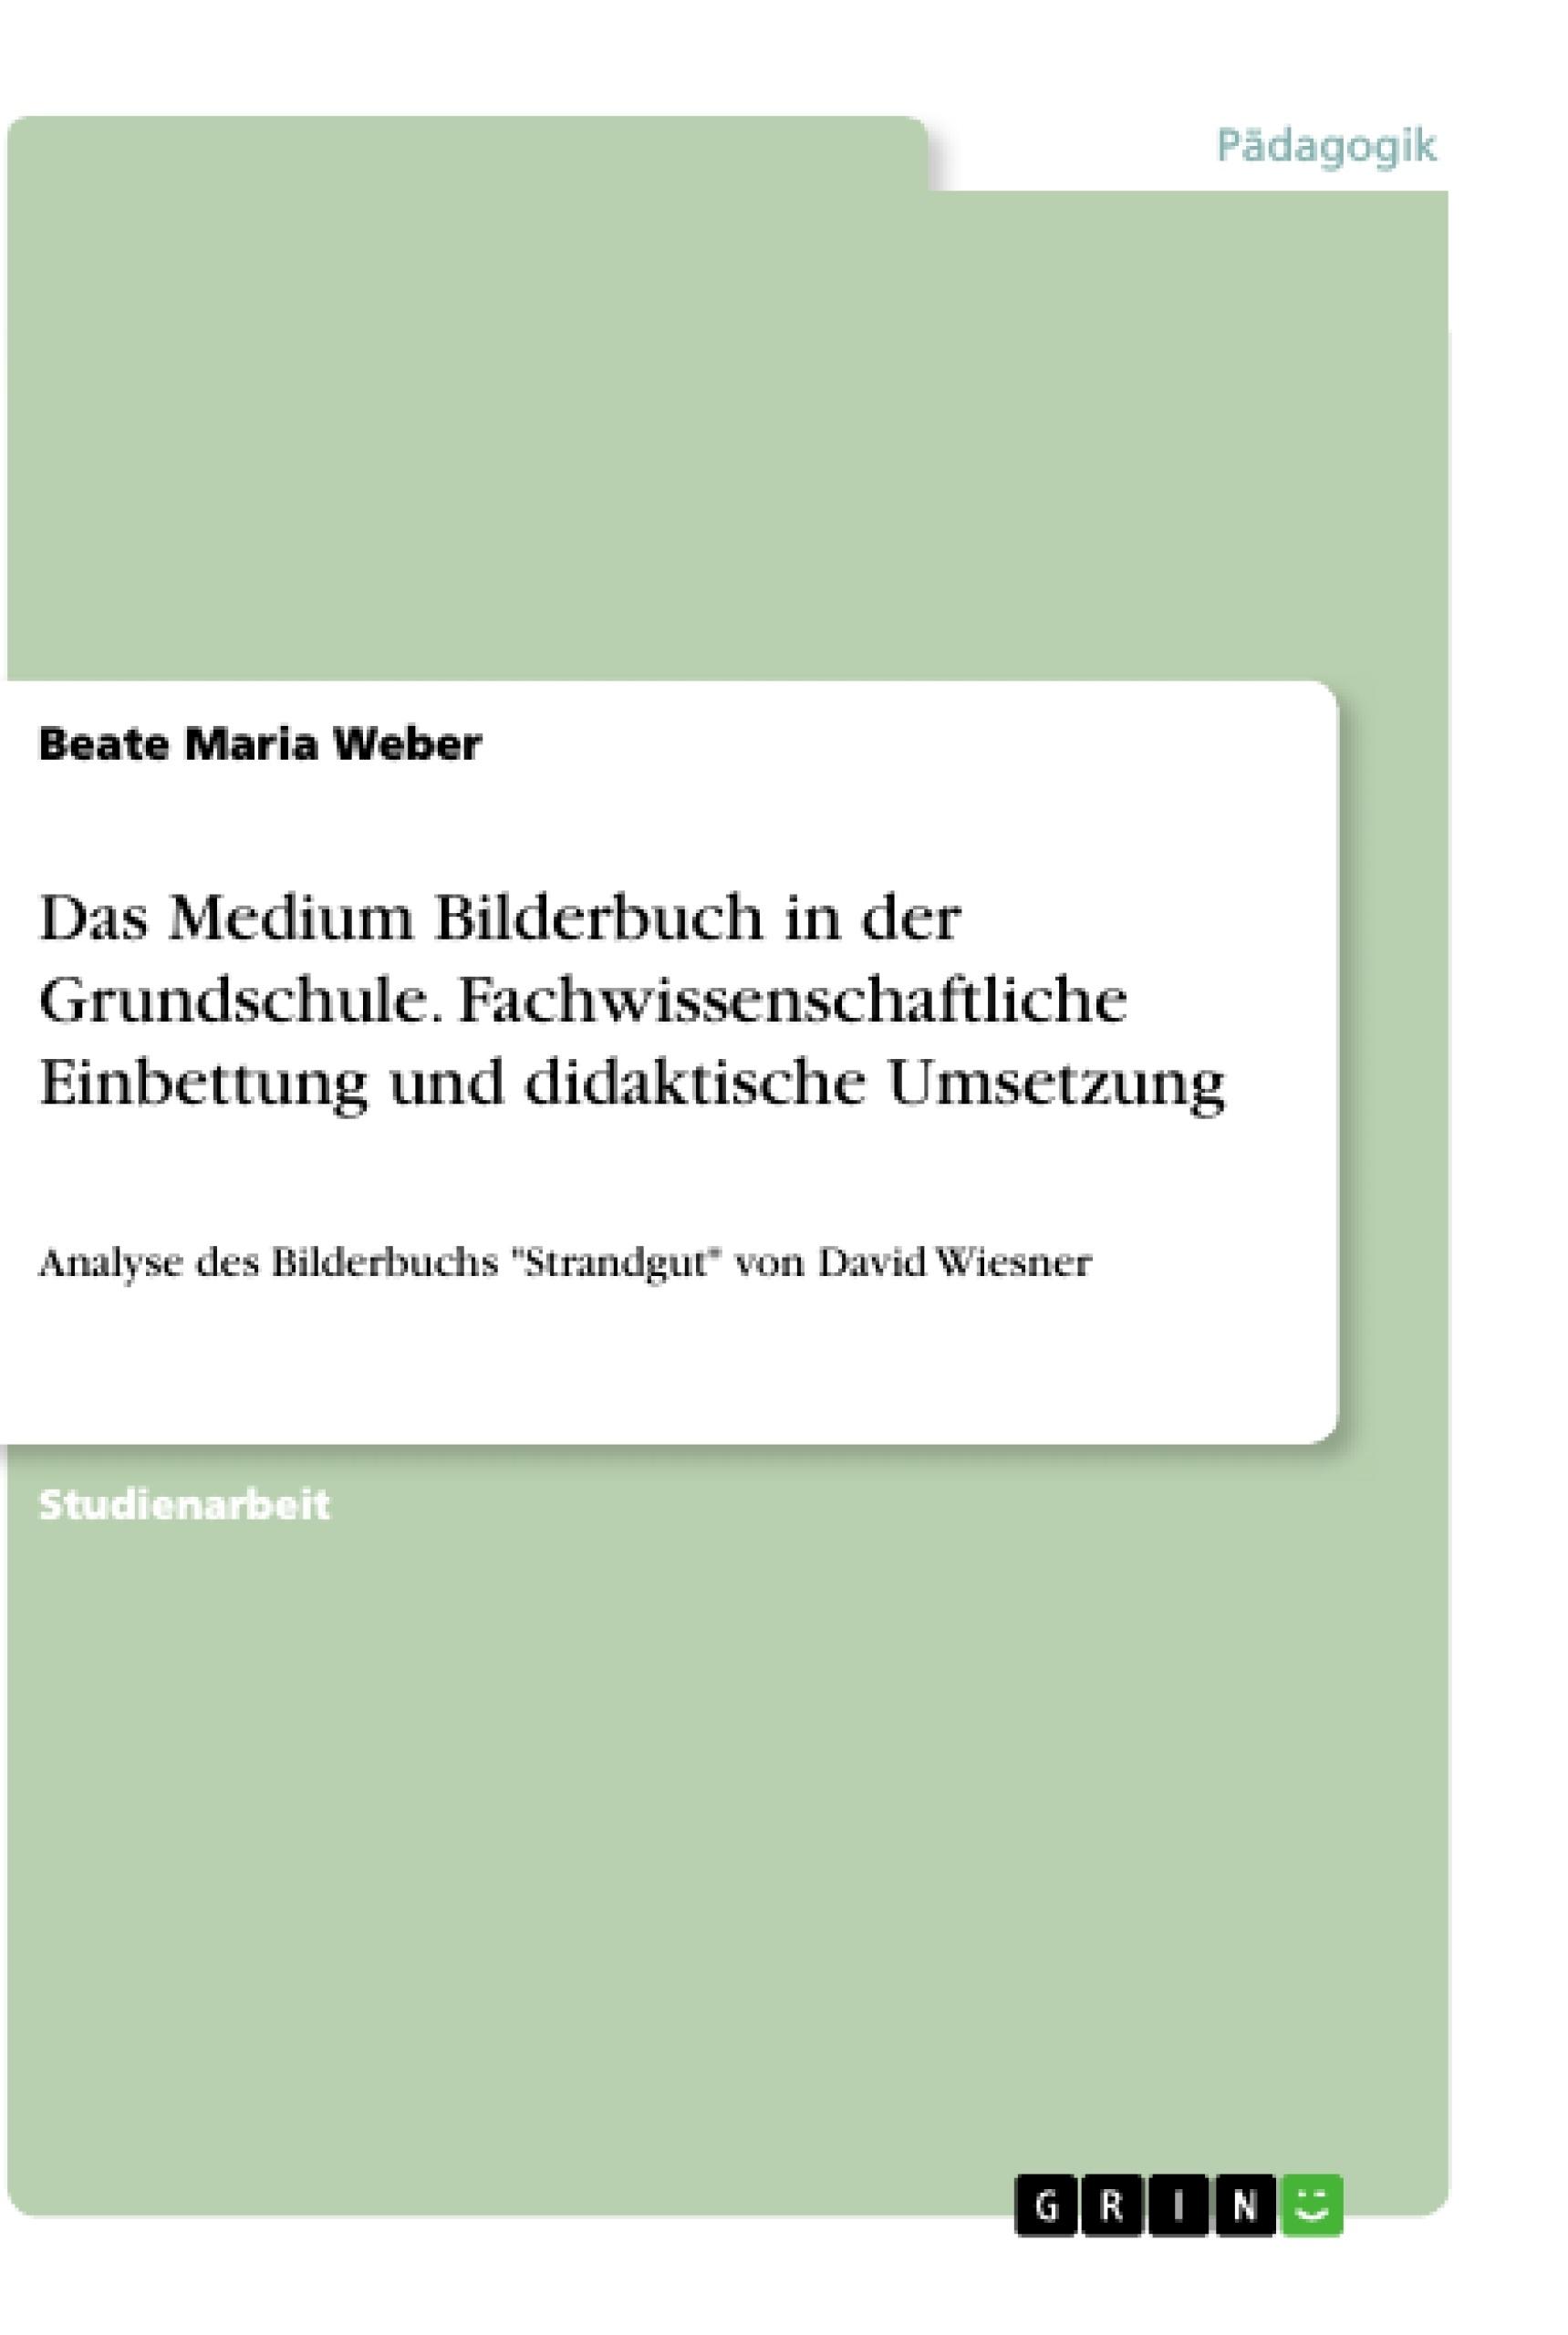 Titel: Das Medium Bilderbuch in der Grundschule. Fachwissenschaftliche Einbettung und didaktische Umsetzung